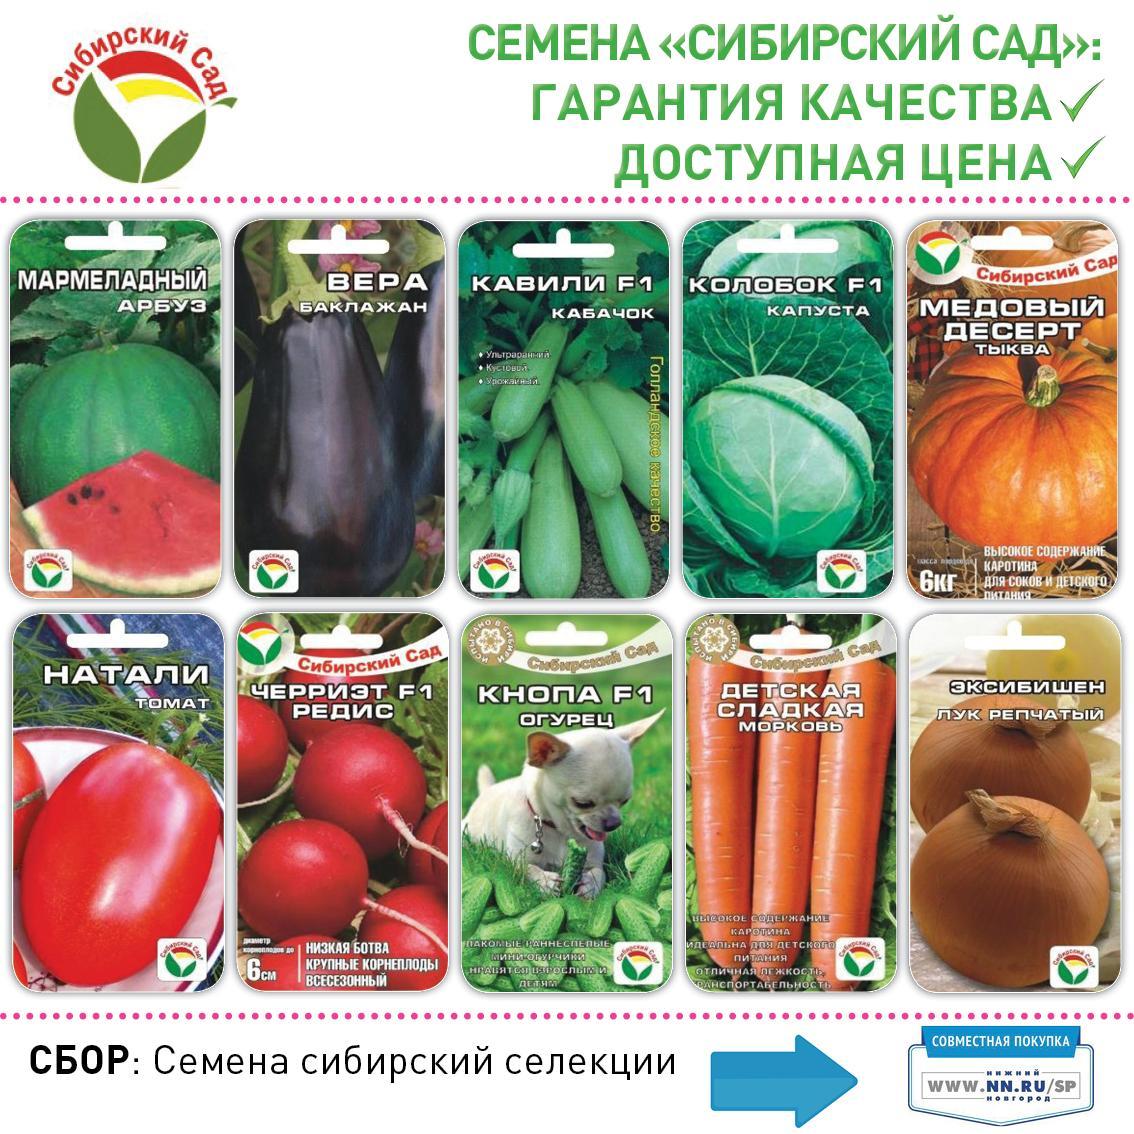 Сибирская Селекция Семена Официальный Сайт Интернет Магазин